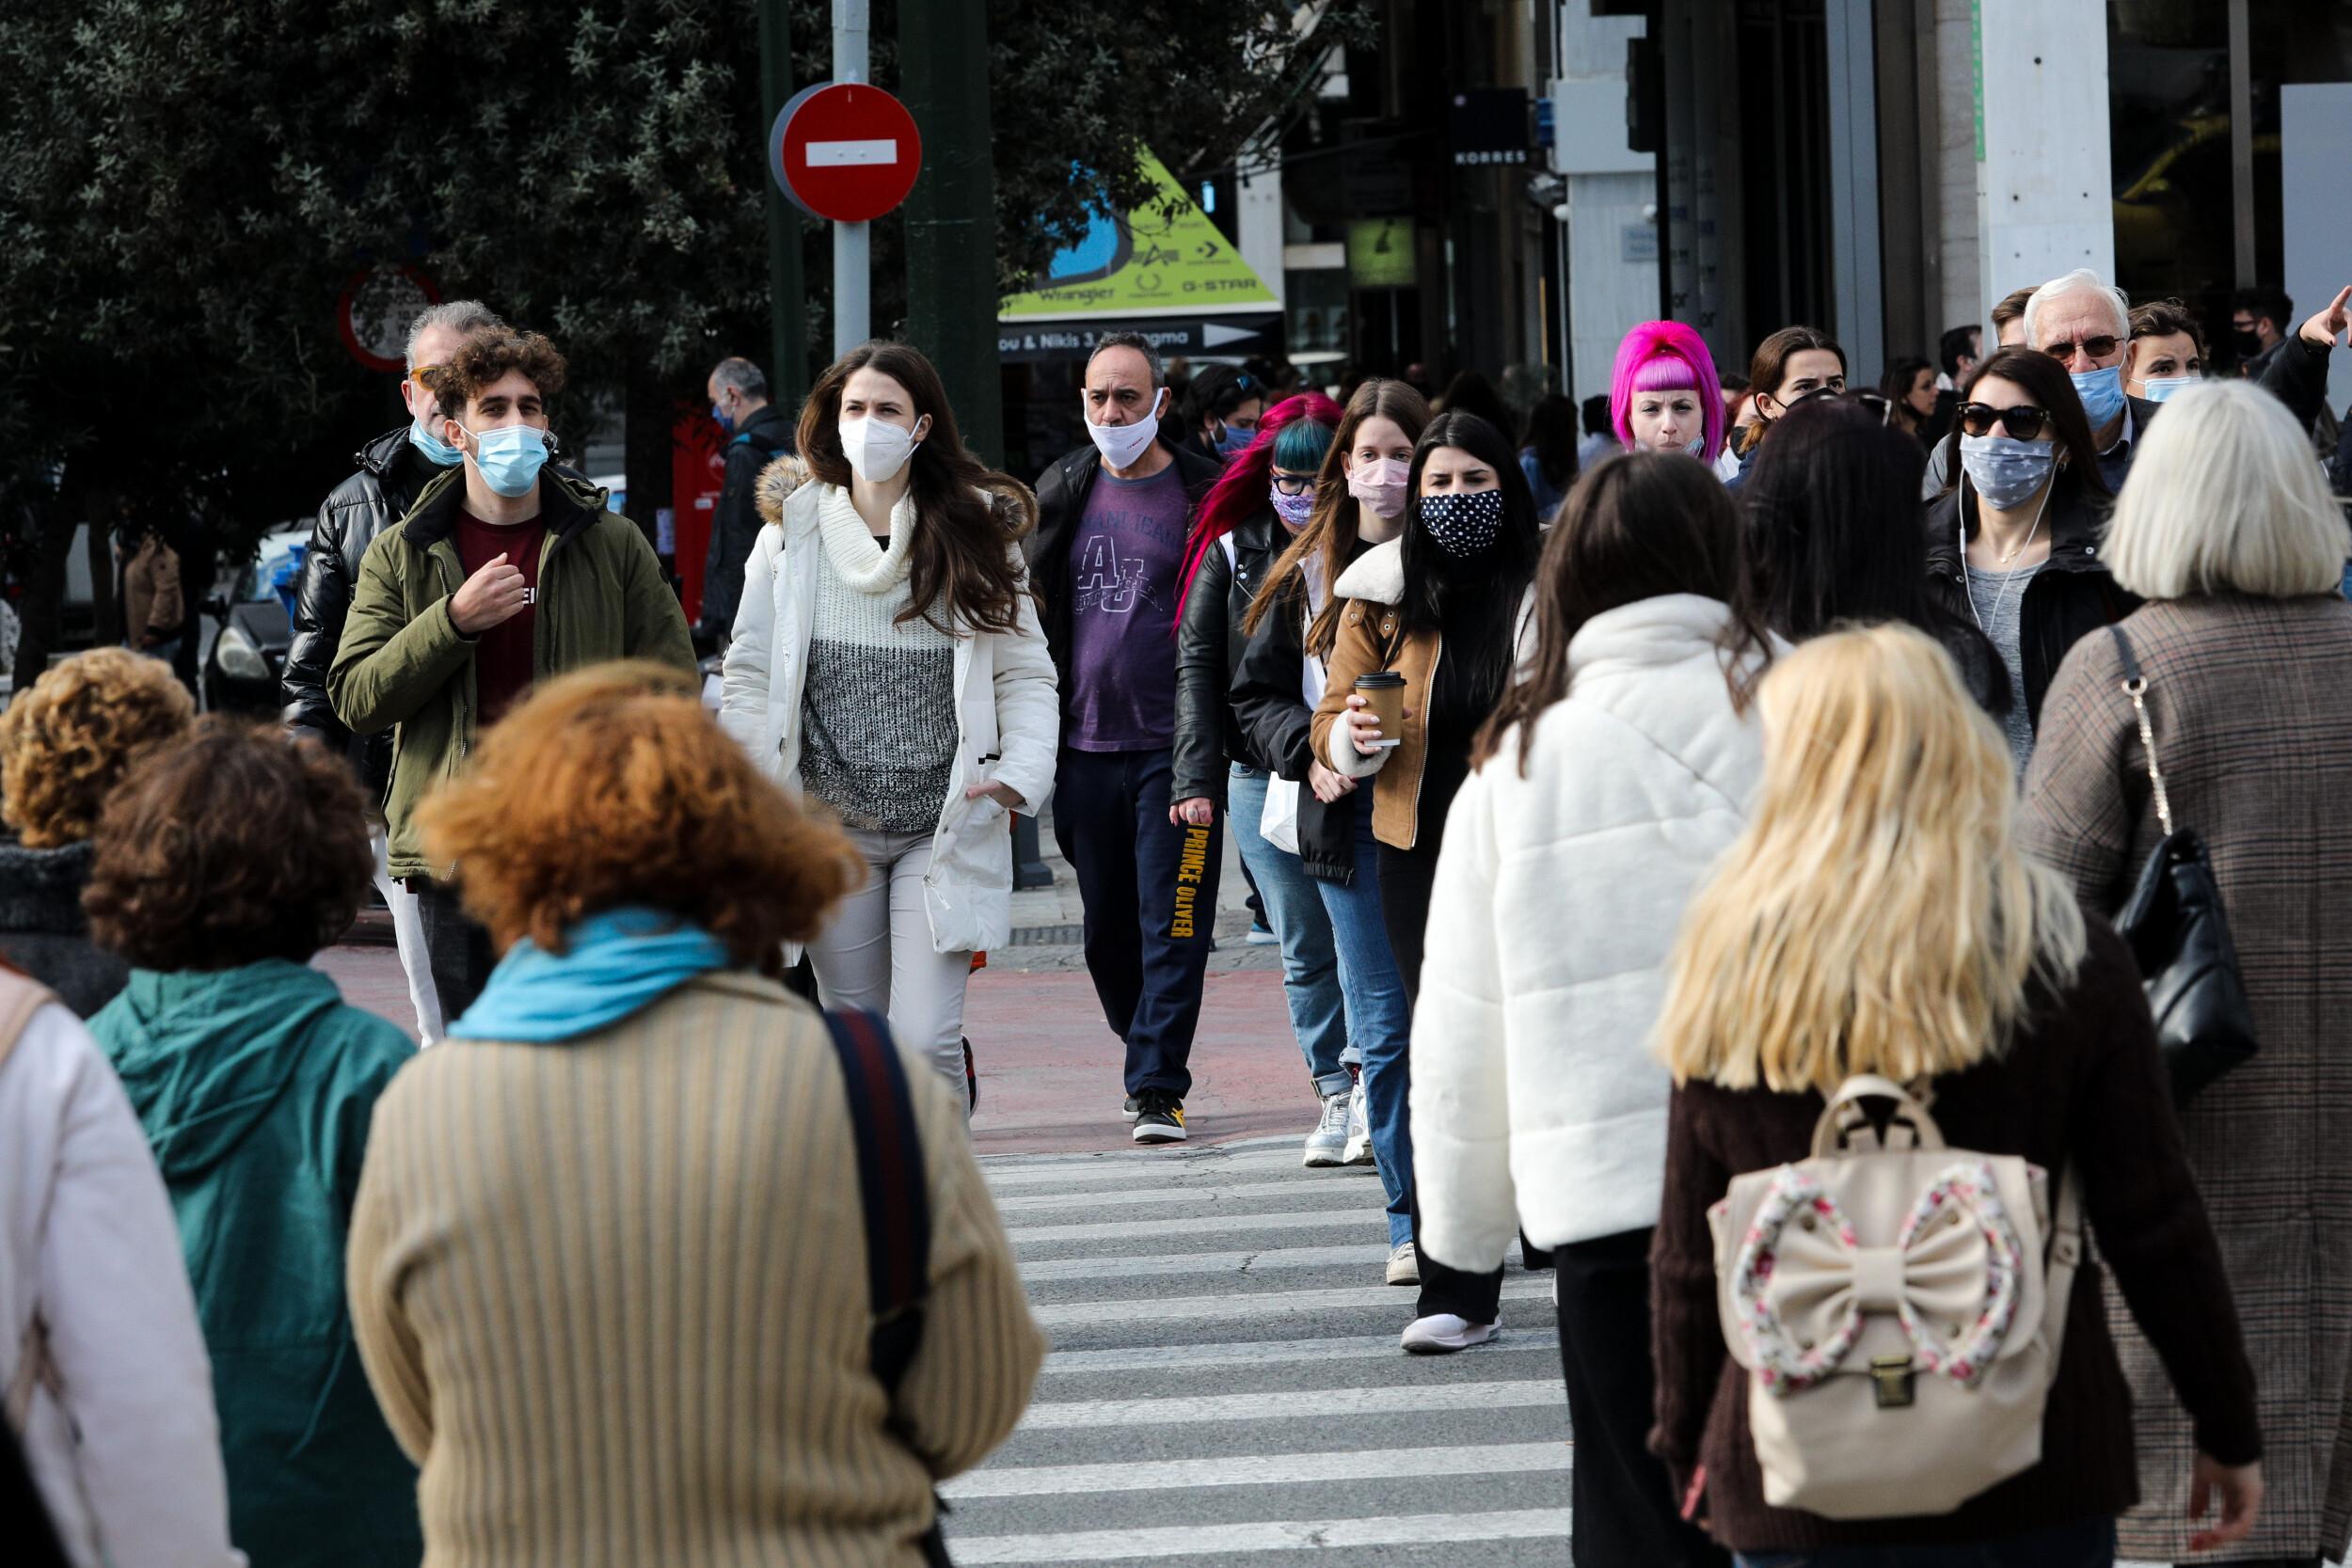 Πάσχα μέτρα lockdown: Πότε και πώς ανοίγουν εστίαση, σχολεία, τουρισμός, αλλάζει η απαγόρευση κυκλοφορίας